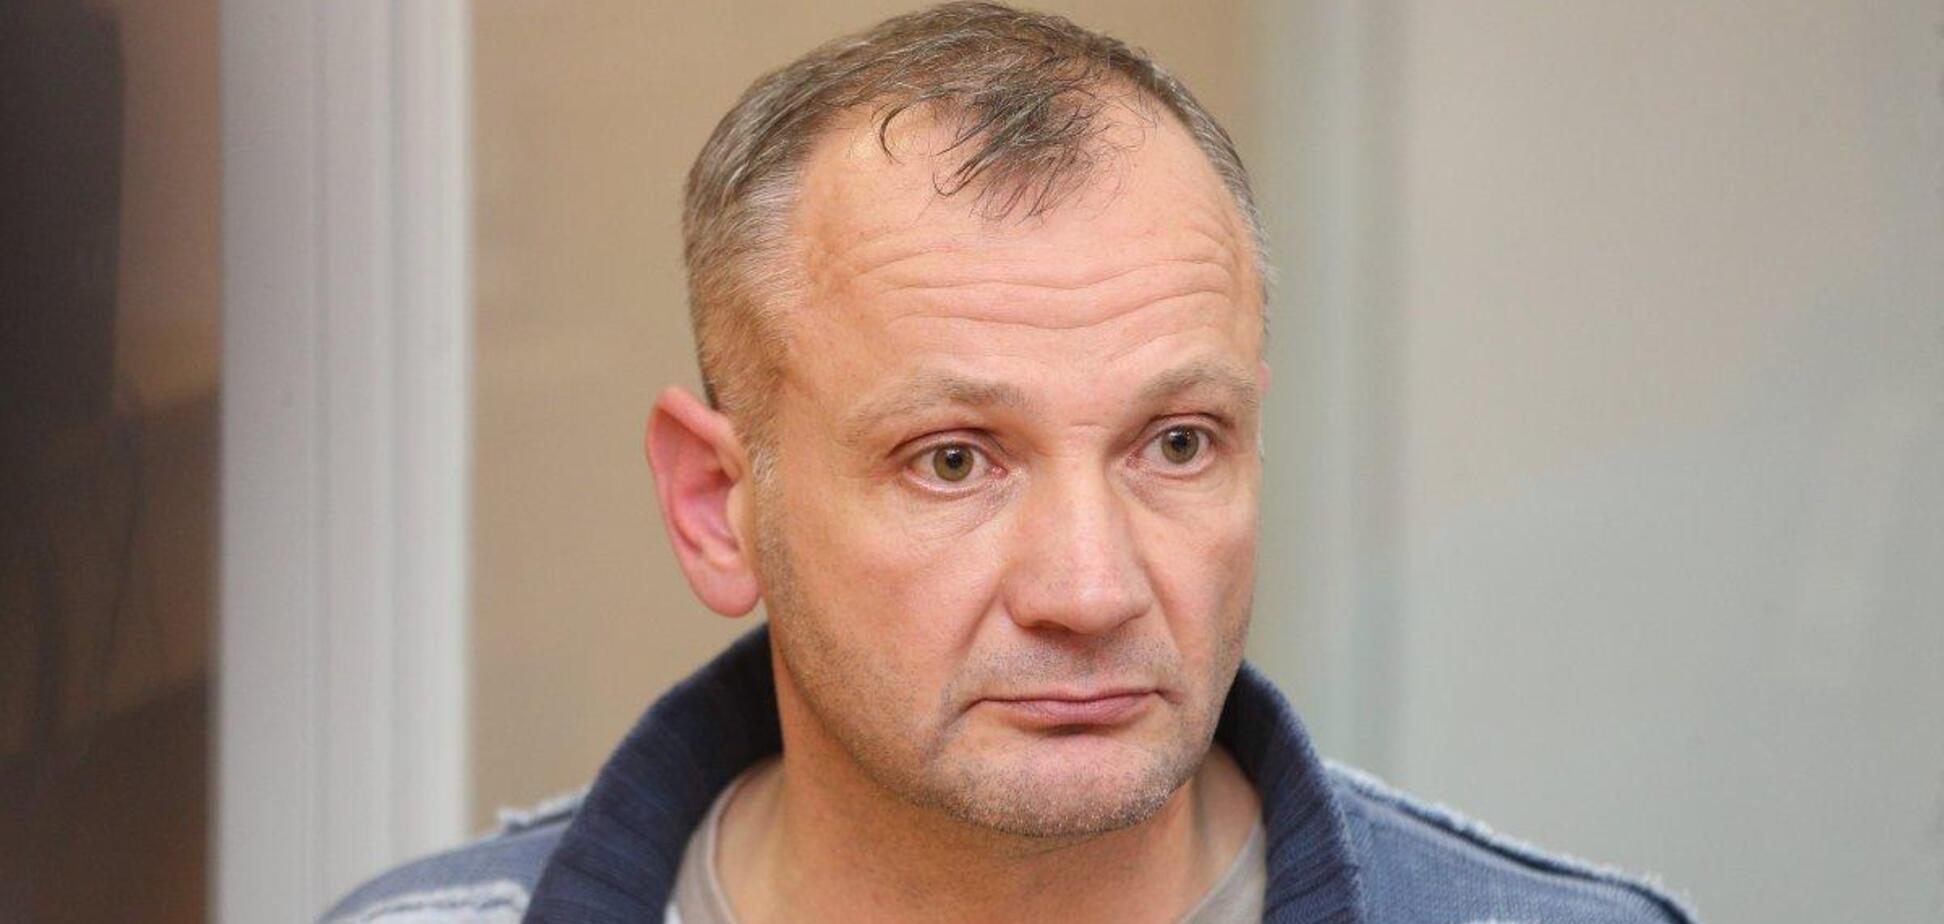 'Я уничтожал врага': подозреваемый активист Евромайдана рассказал о задержании